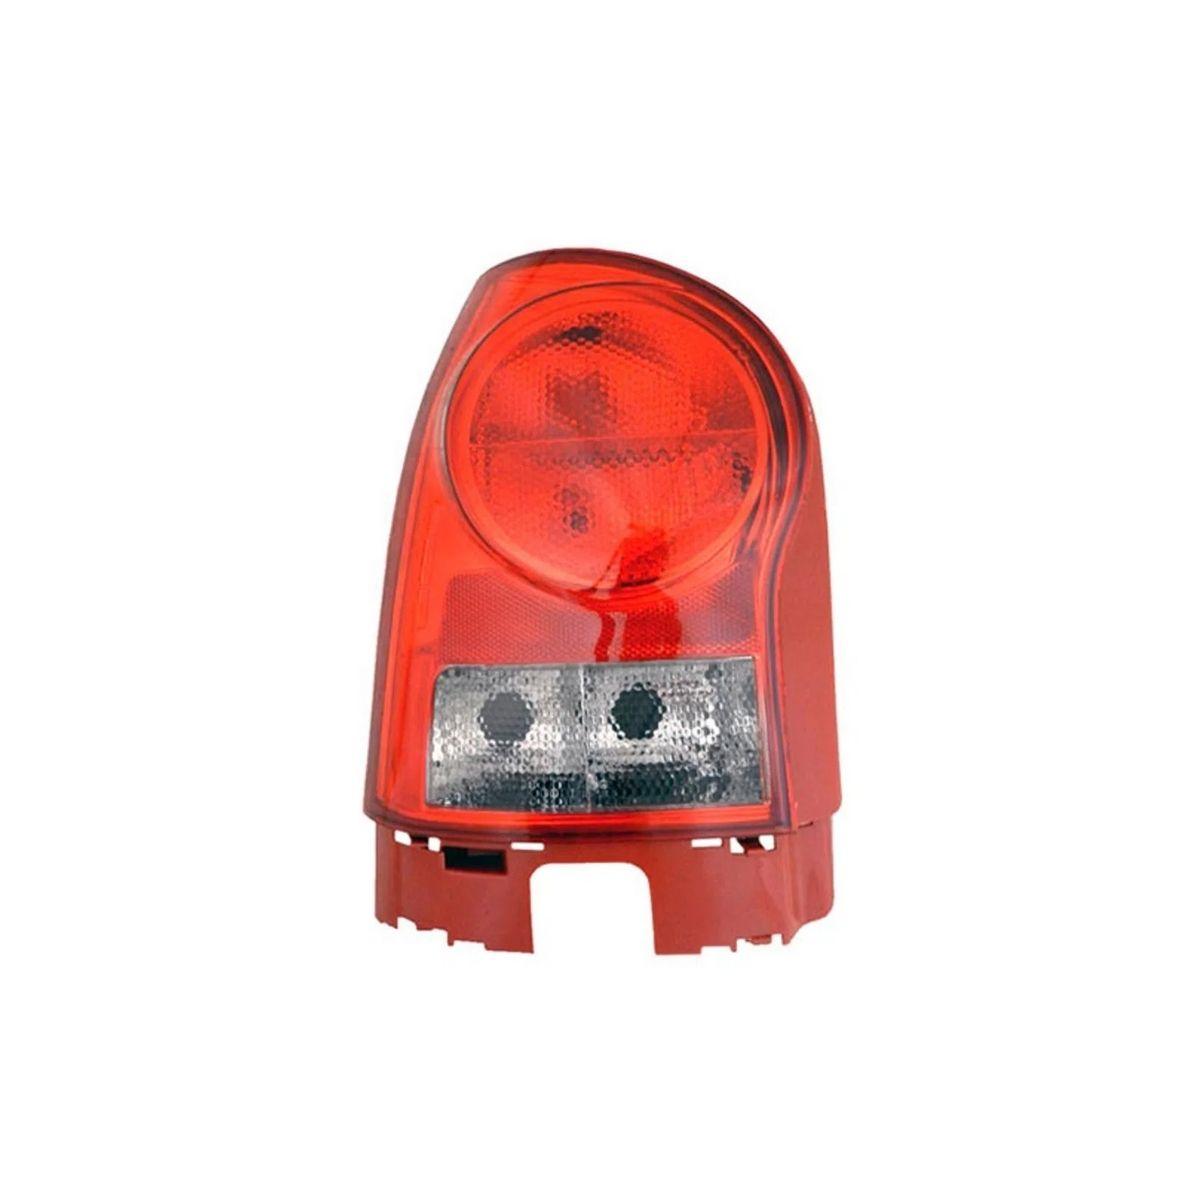 Lanterna Traseira Esquerda Gol G4 2006/ Carcaça Vermelha